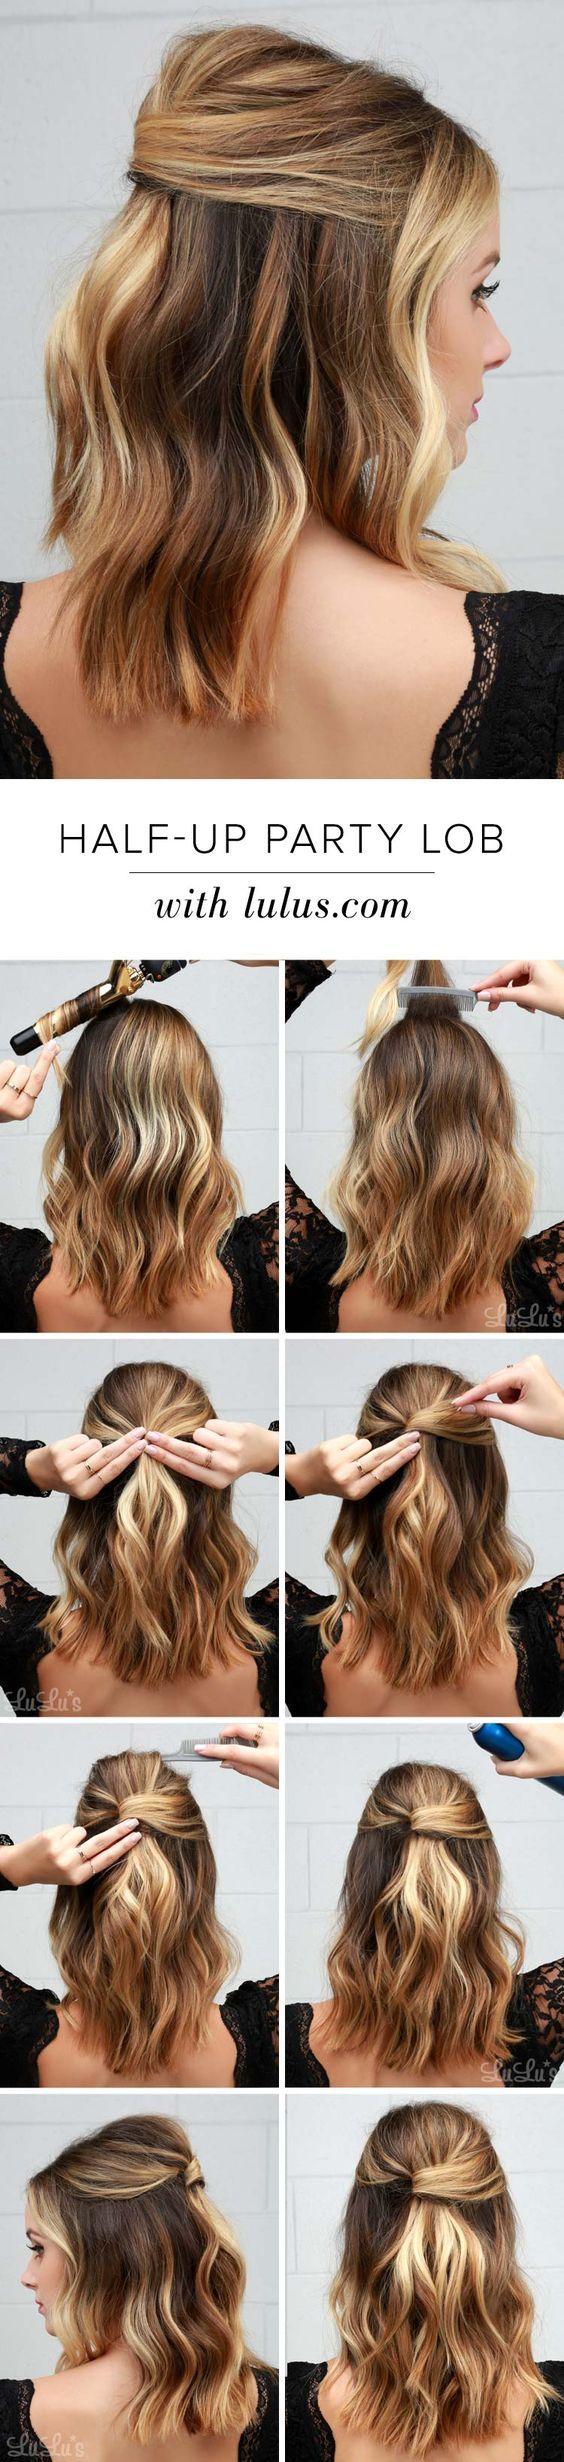 Seguramente has escuchado hablar del corte de cabello estrella de este año: el bob. Pero, ¿cómo peinarlo de manera diferente cada día? ¡Ficha estas ideas!